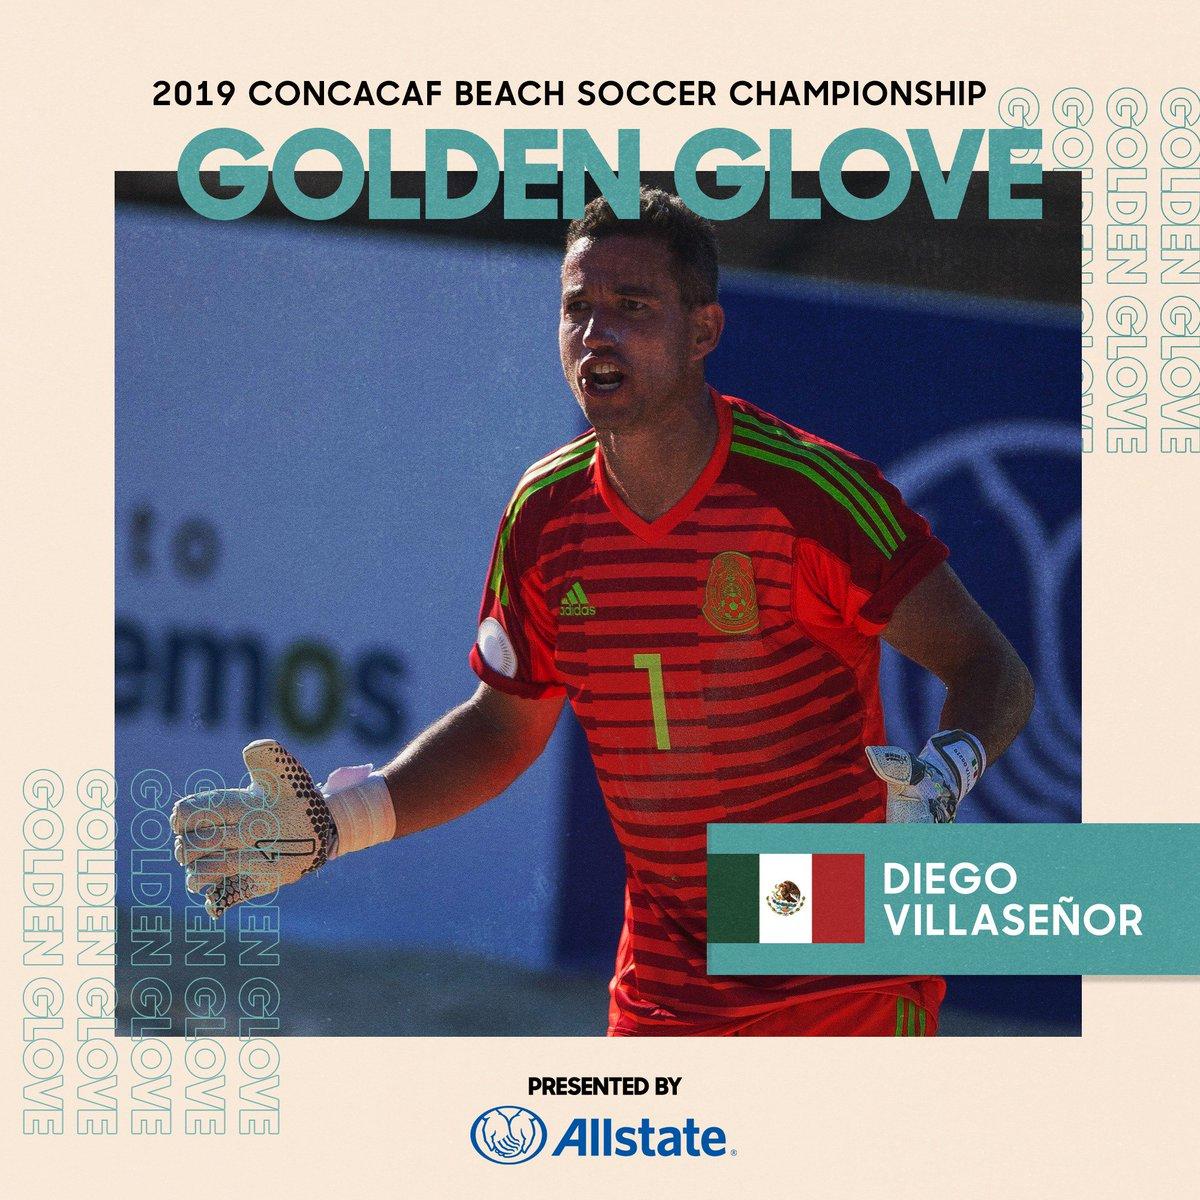 ¡Diego Villaseñor de @miseleccionmx es el ganador del Guante de Oro #CBSC presentado por @Allstate!